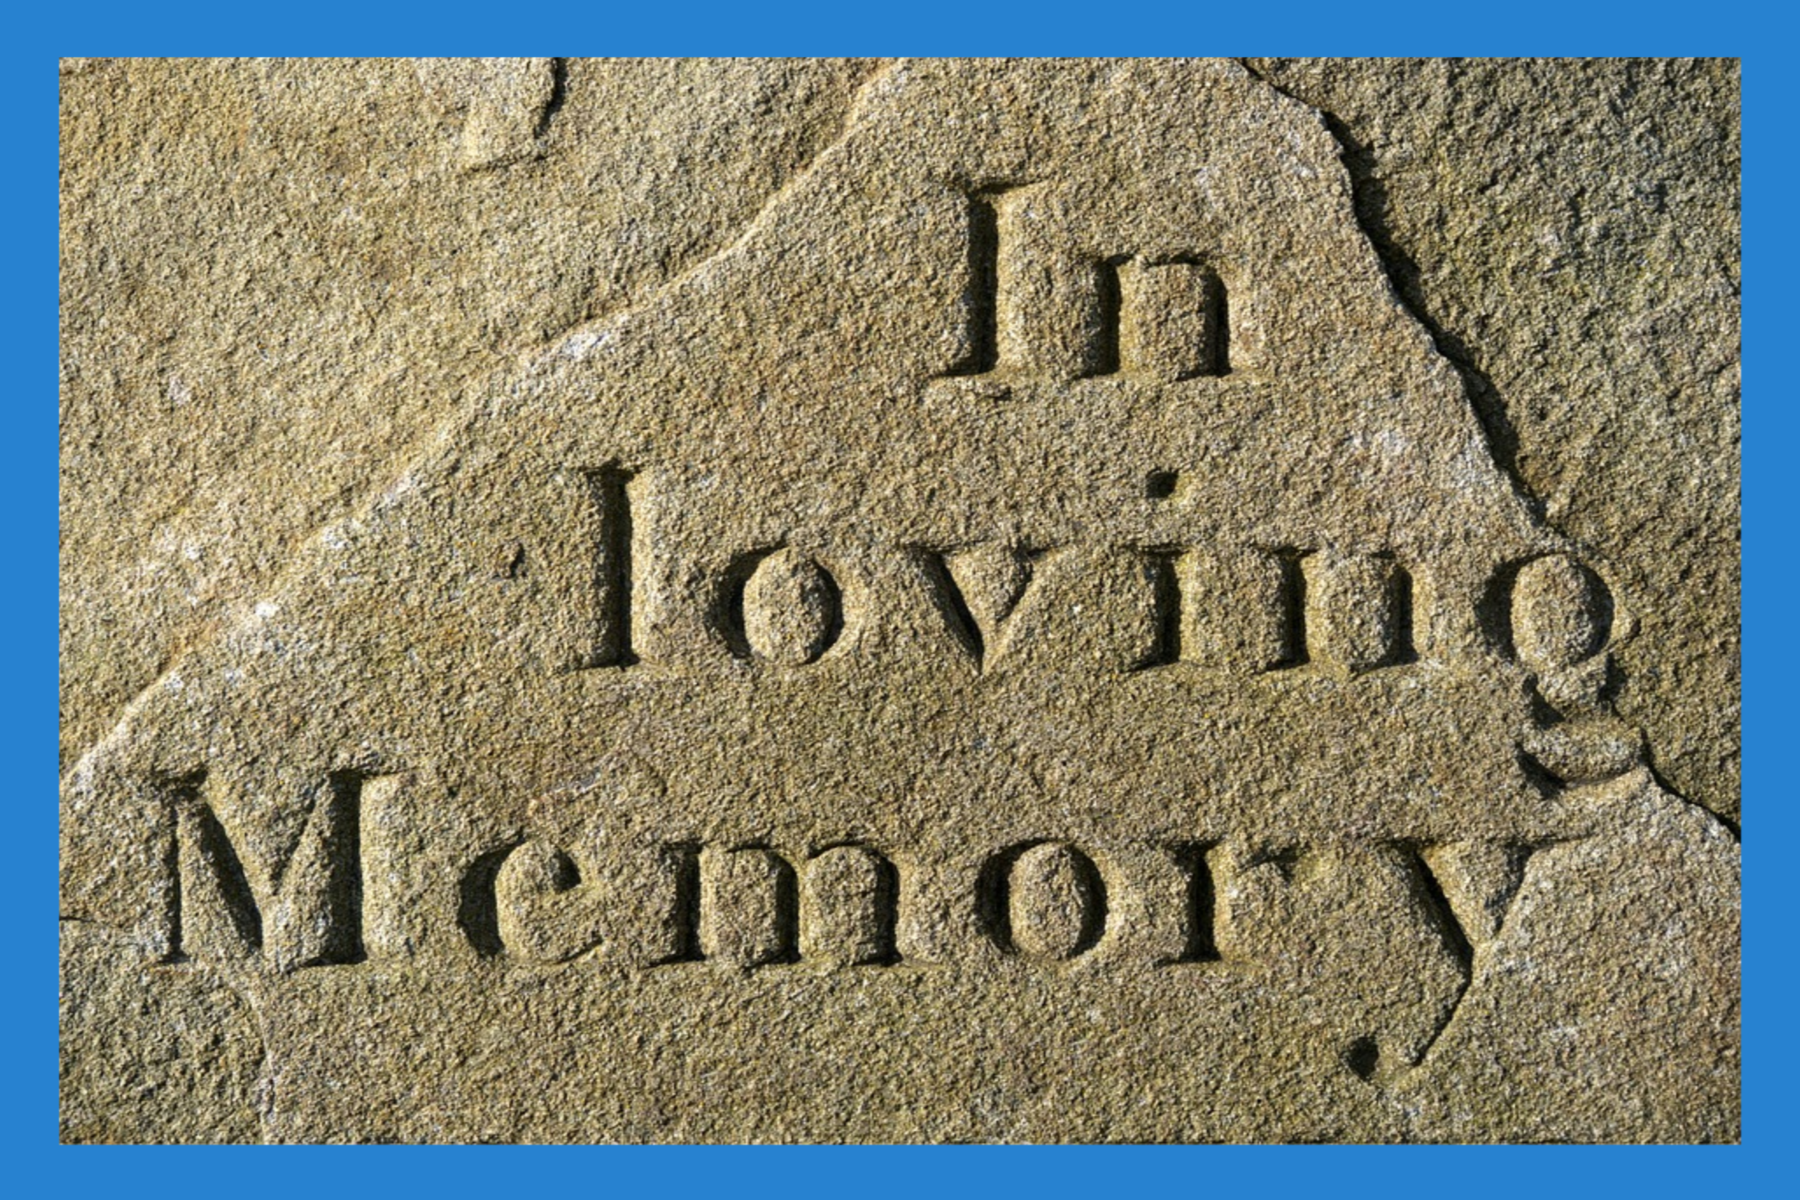 cemetery, gravestone, BillionGraves, ancestors, ancestry, family history, BillionGraves, genealogy, family, in loving memory